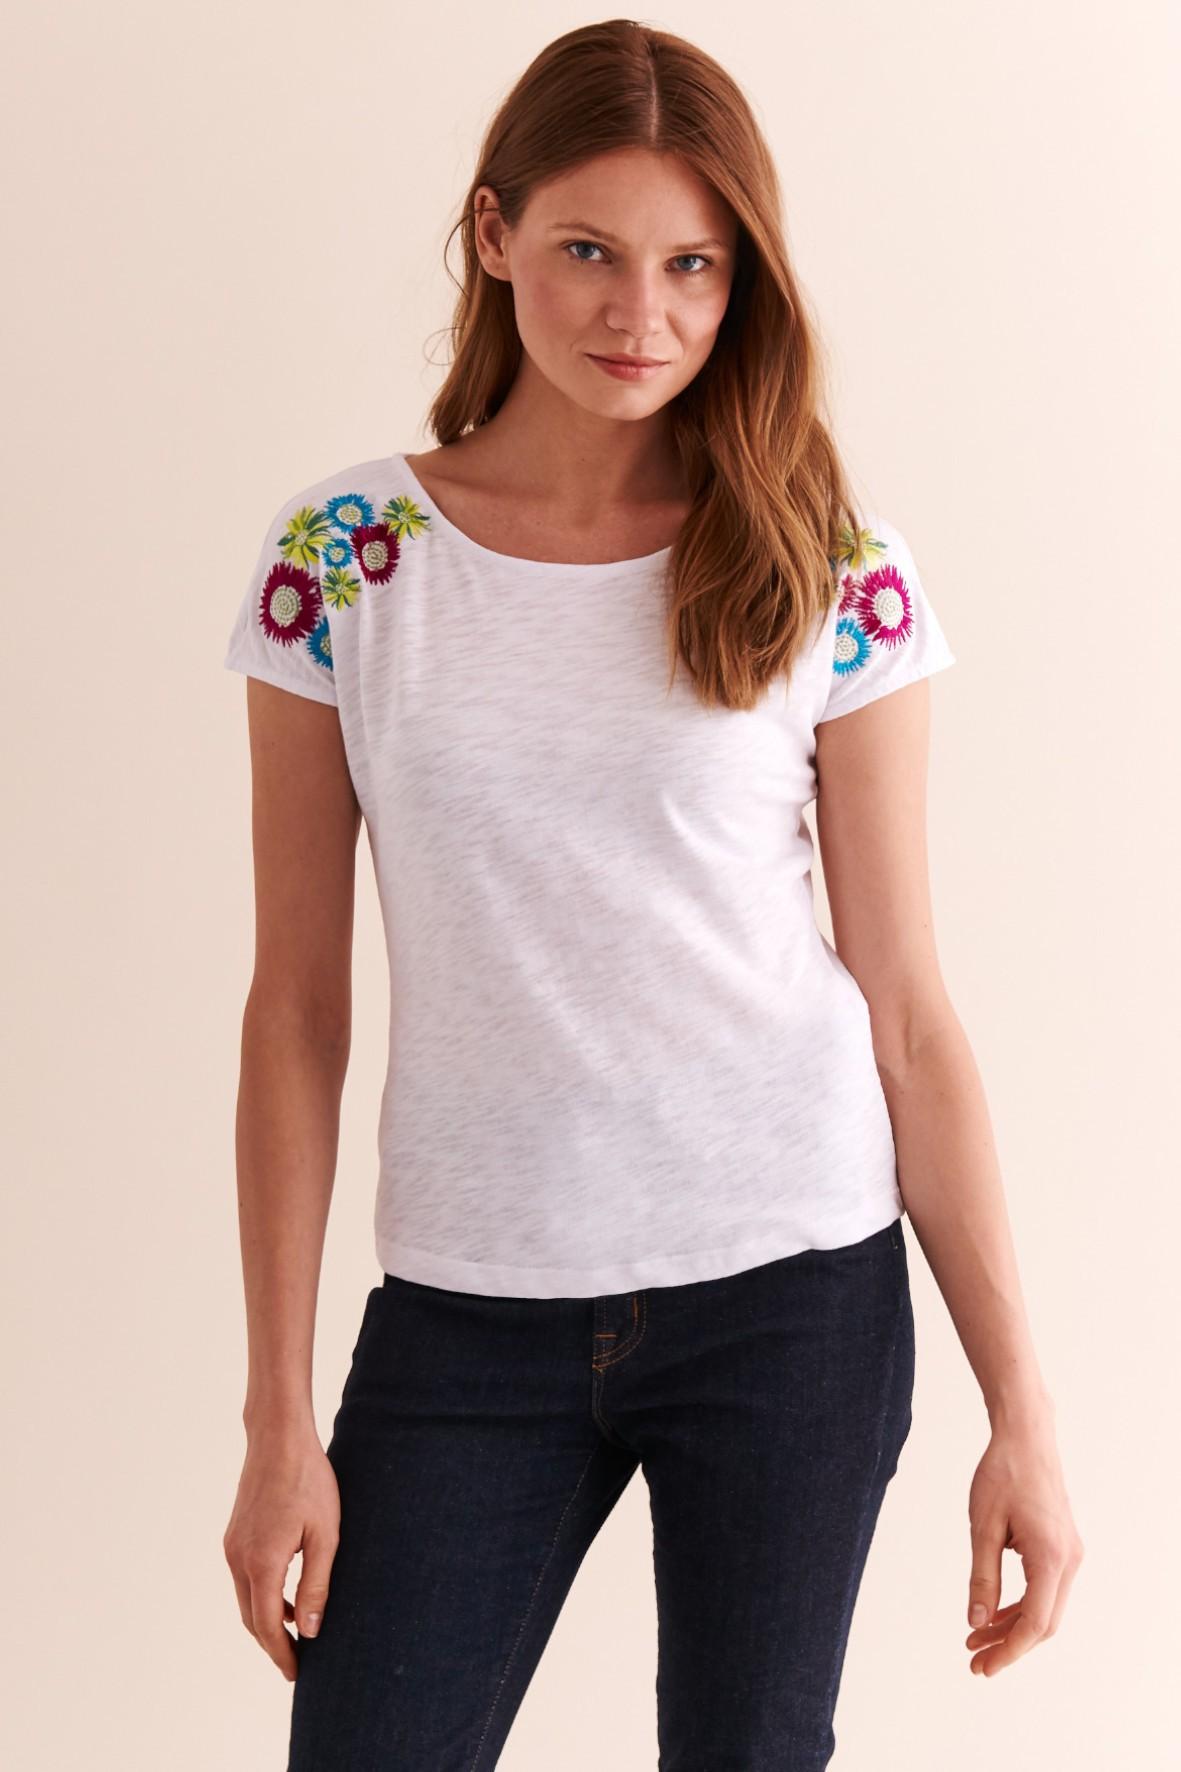 Bluzka damska biała z kwiatami na ramionach